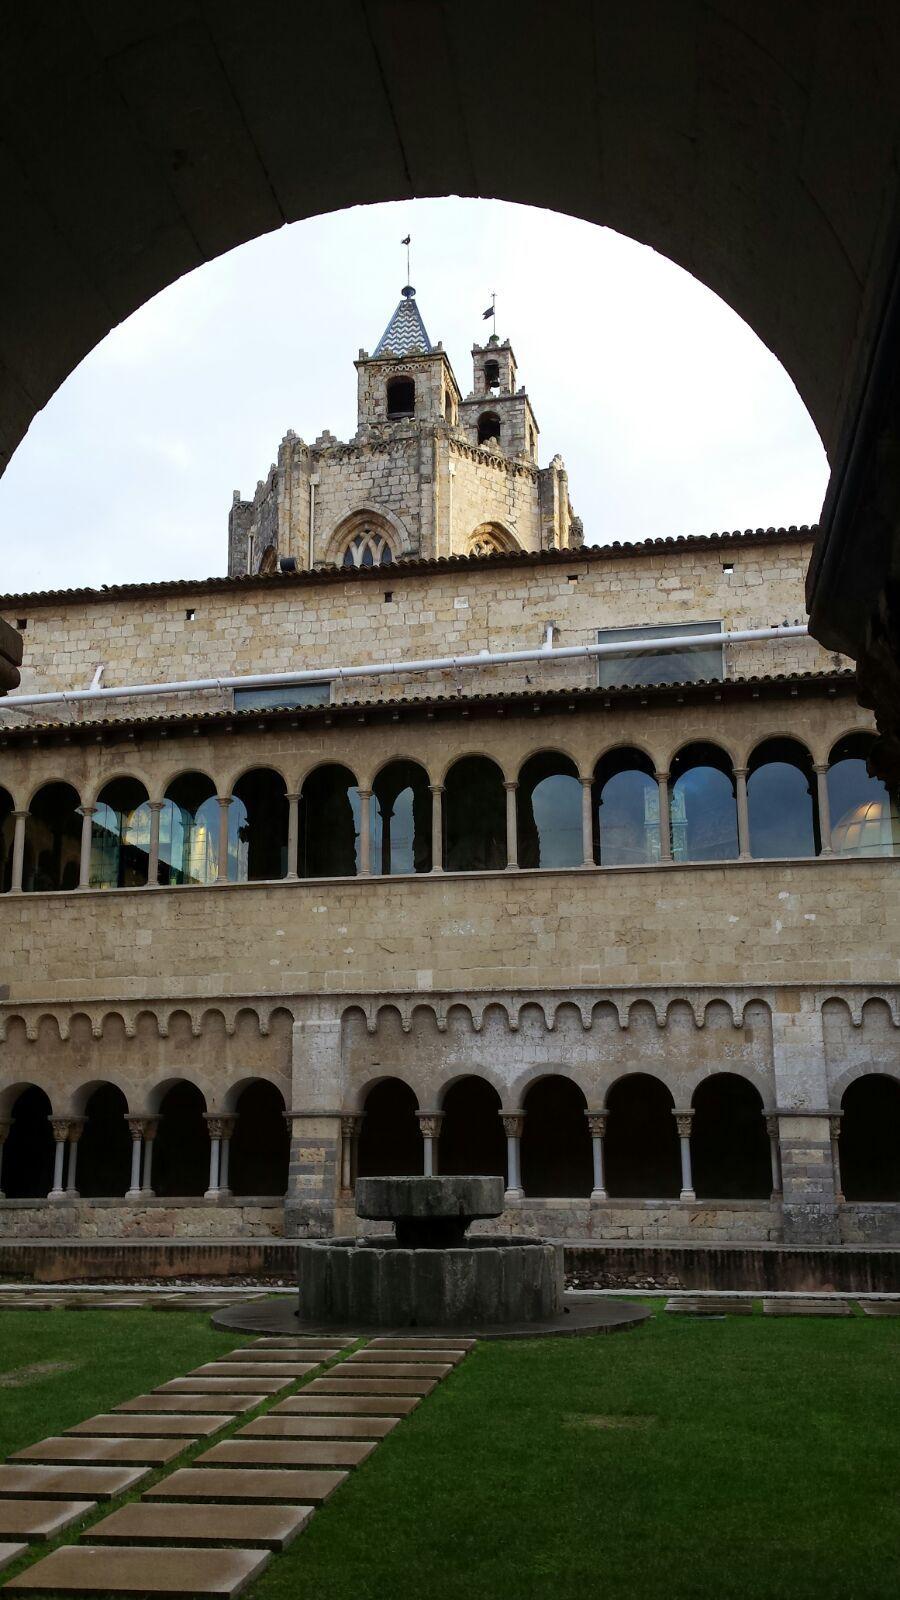 Claustro Románico Del Monasterio De Sant Cugat Del Valles Verdadera Joya De La Historia Y La Arquitectura U Monasterios Lugares De España Arquitectura Romana